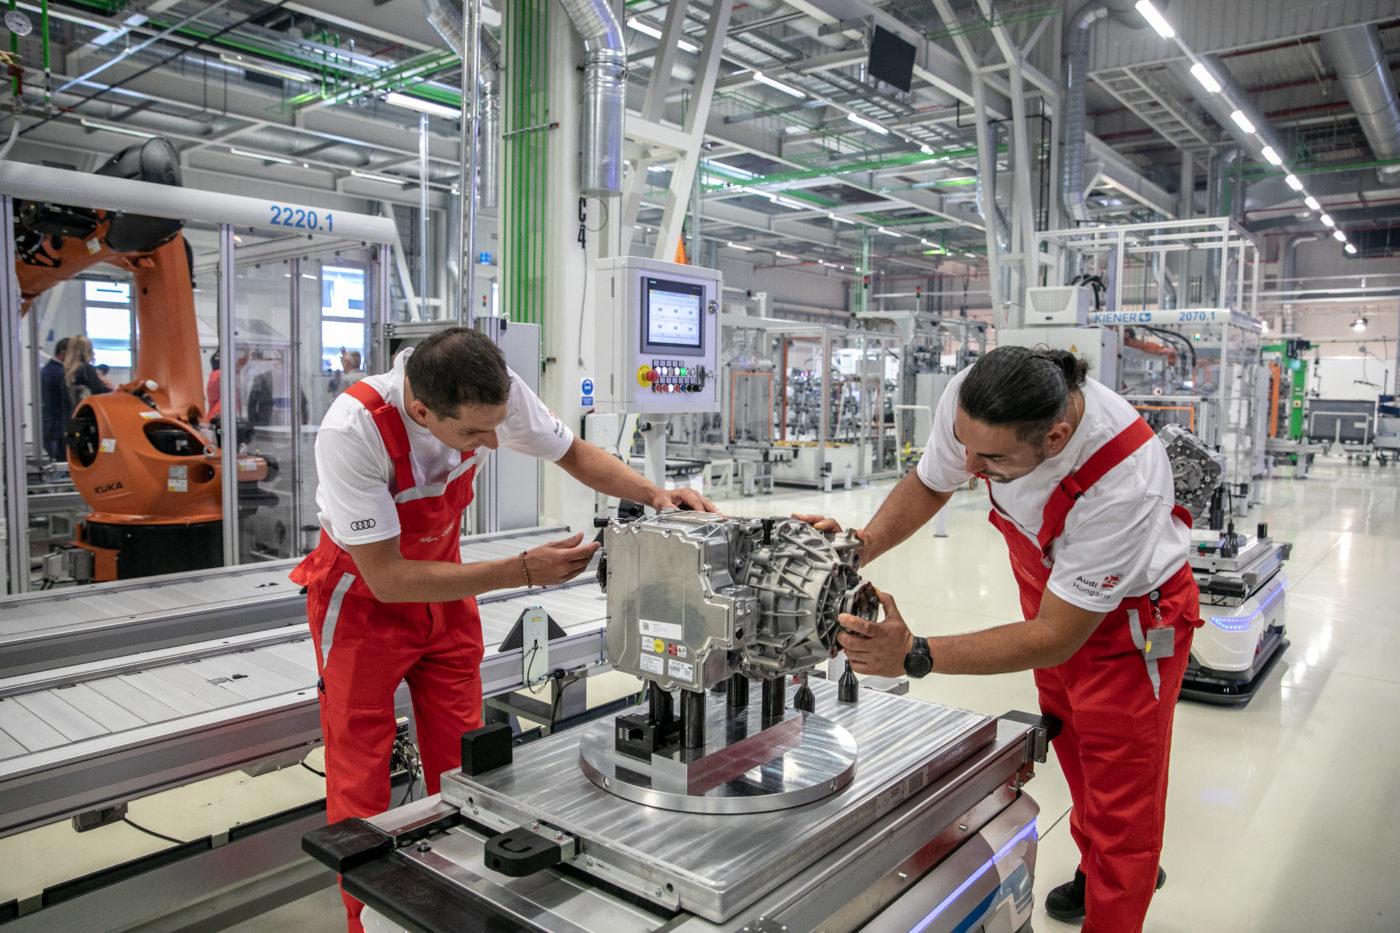 Négy százalék felett lehet a GDP-növekedés